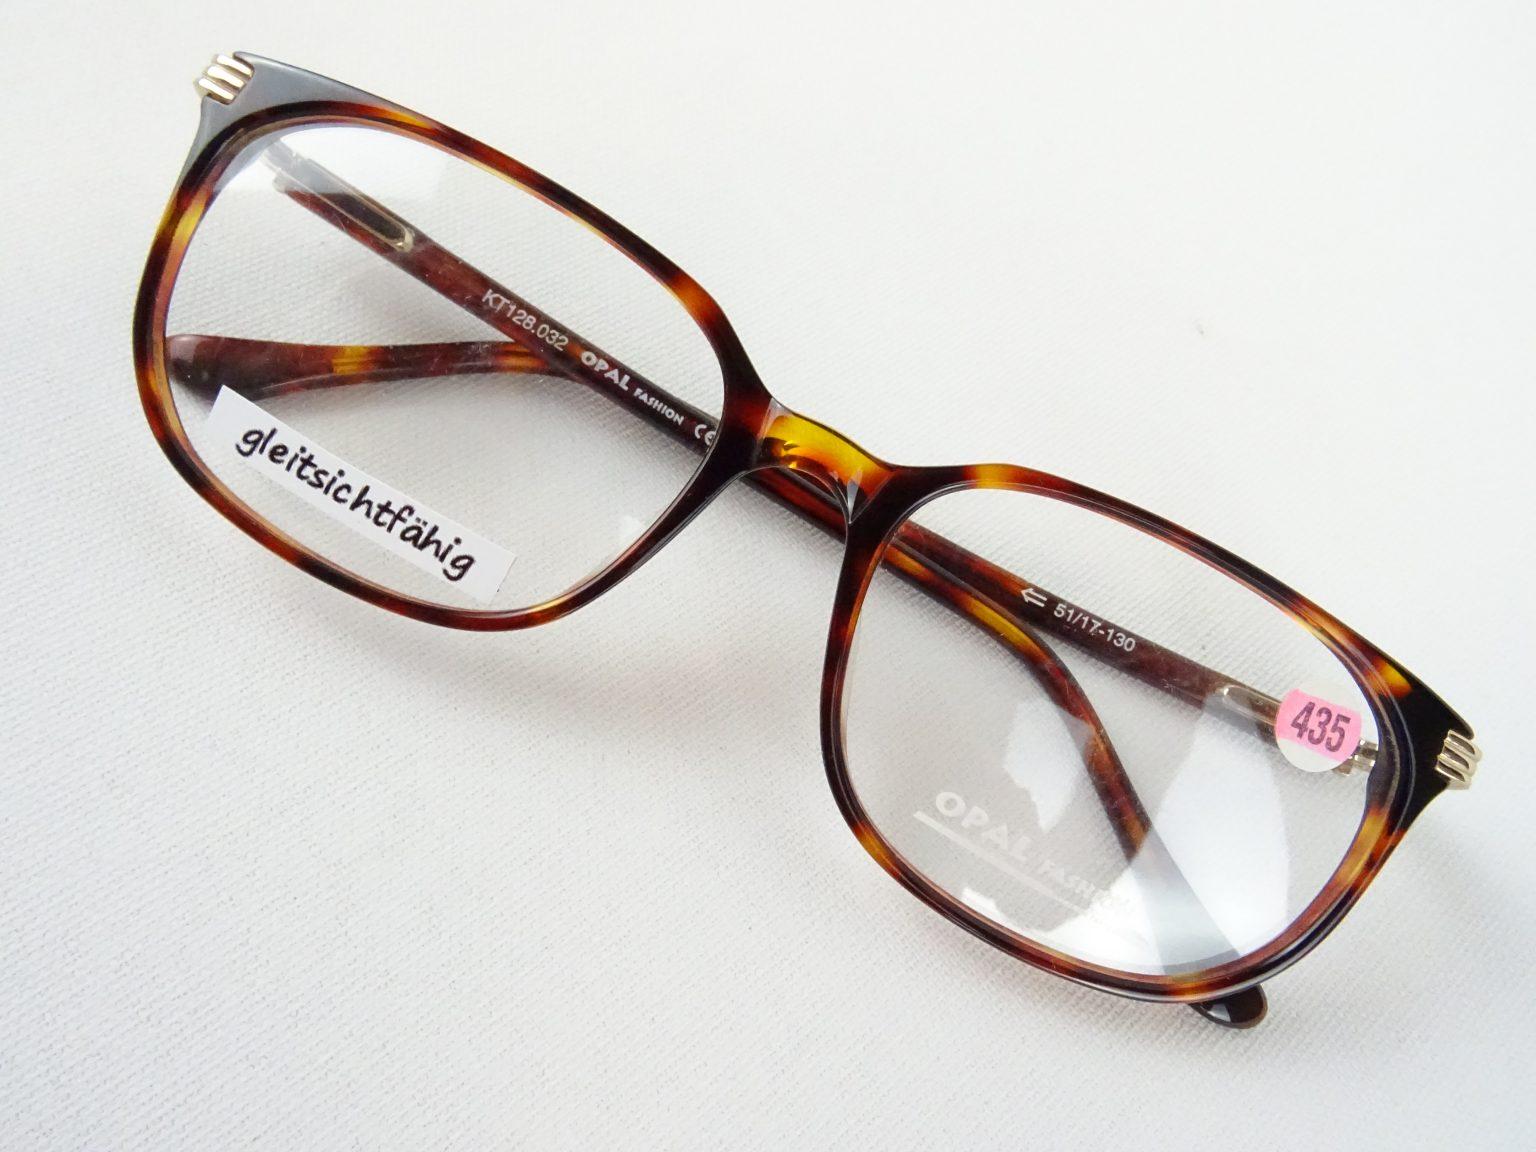 Brille Brillenfassung für Männer rechteckige Form